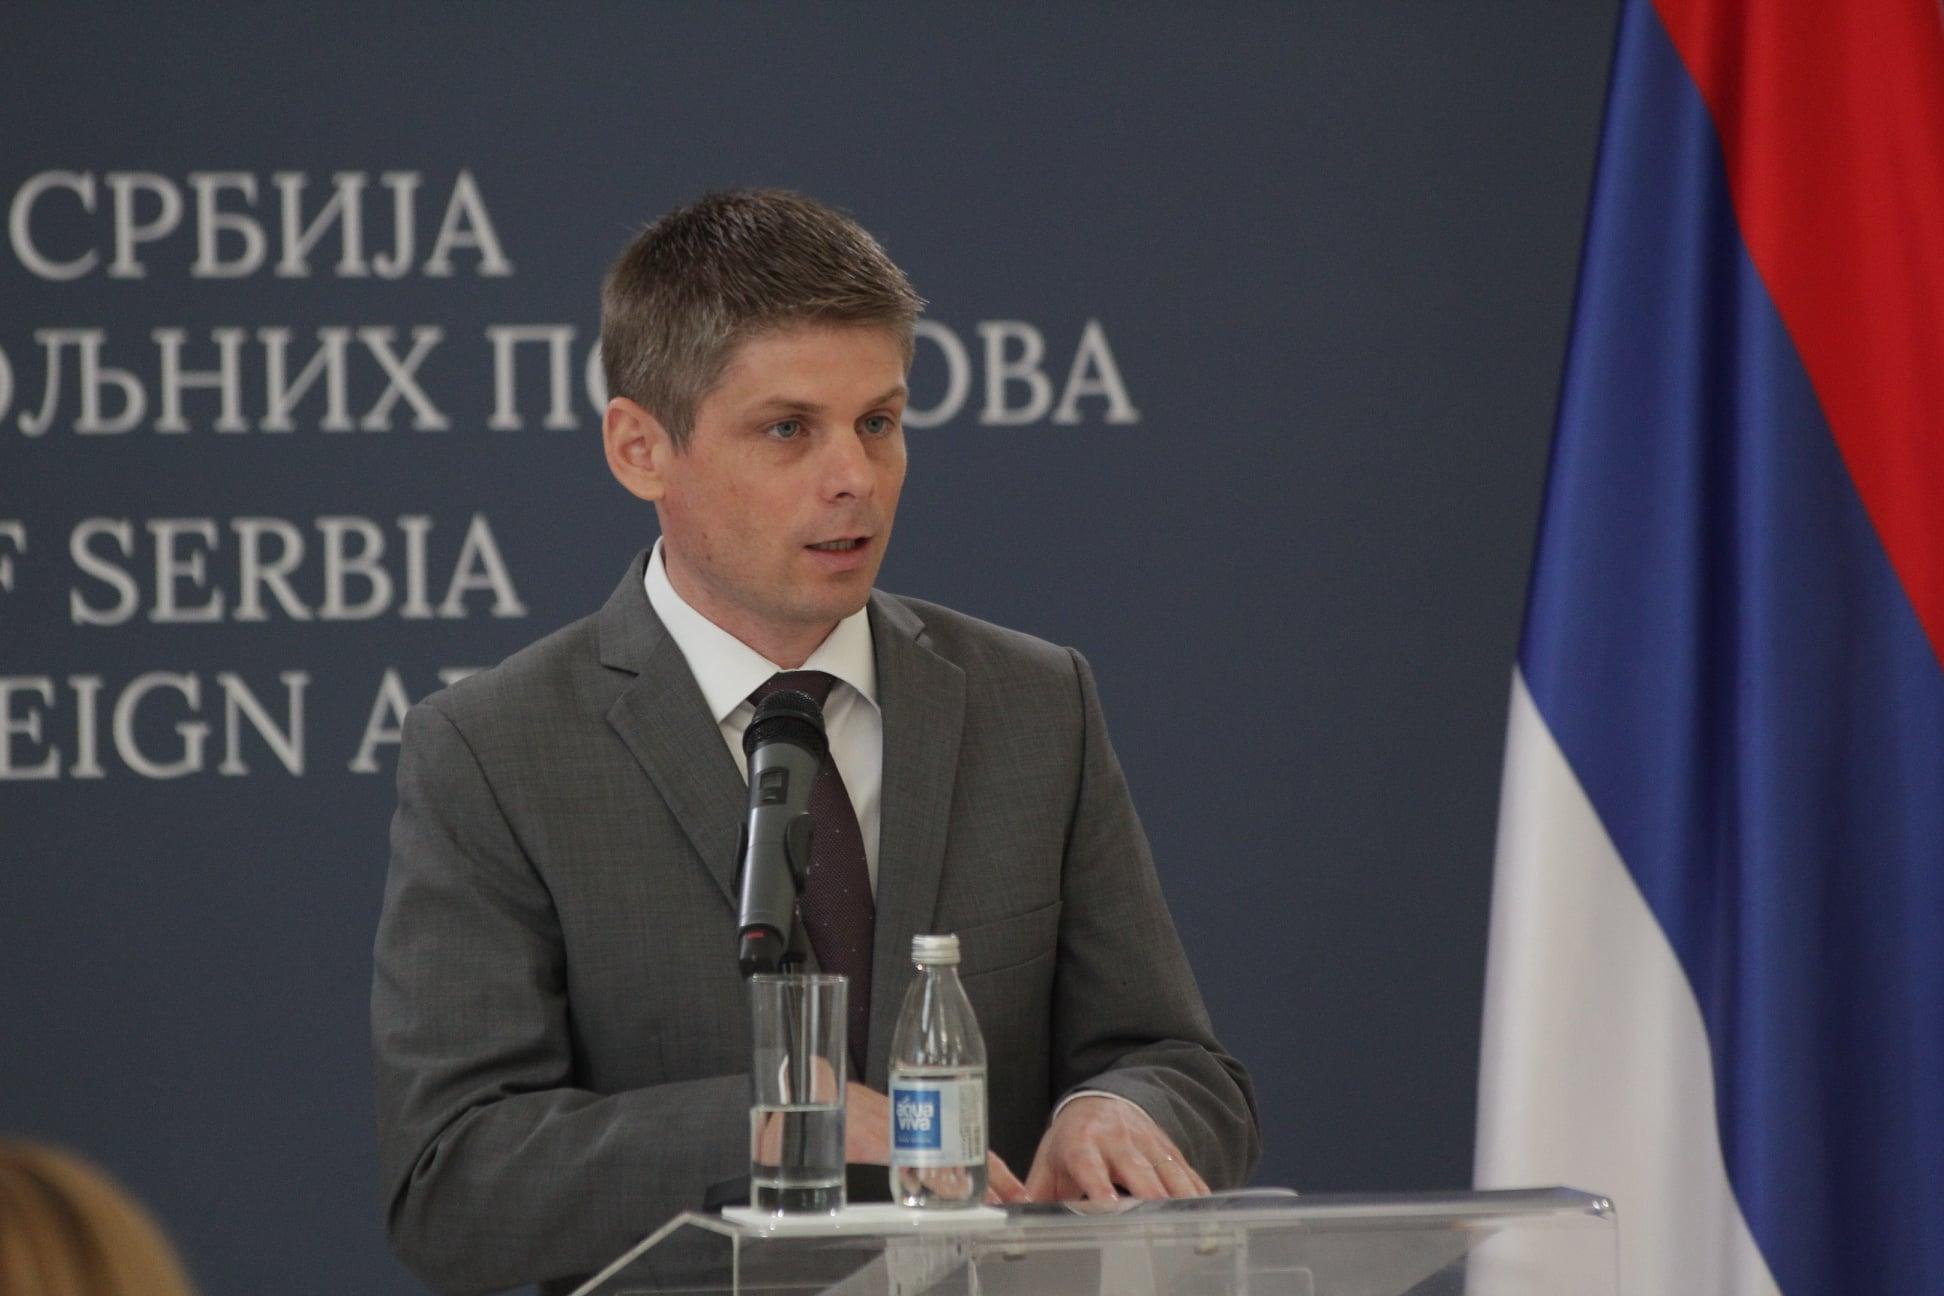 Гујон: Очување српске имовине у Федерацији БиХ - ова информација треба да стигне до сваког Србина пореклом из БиХ